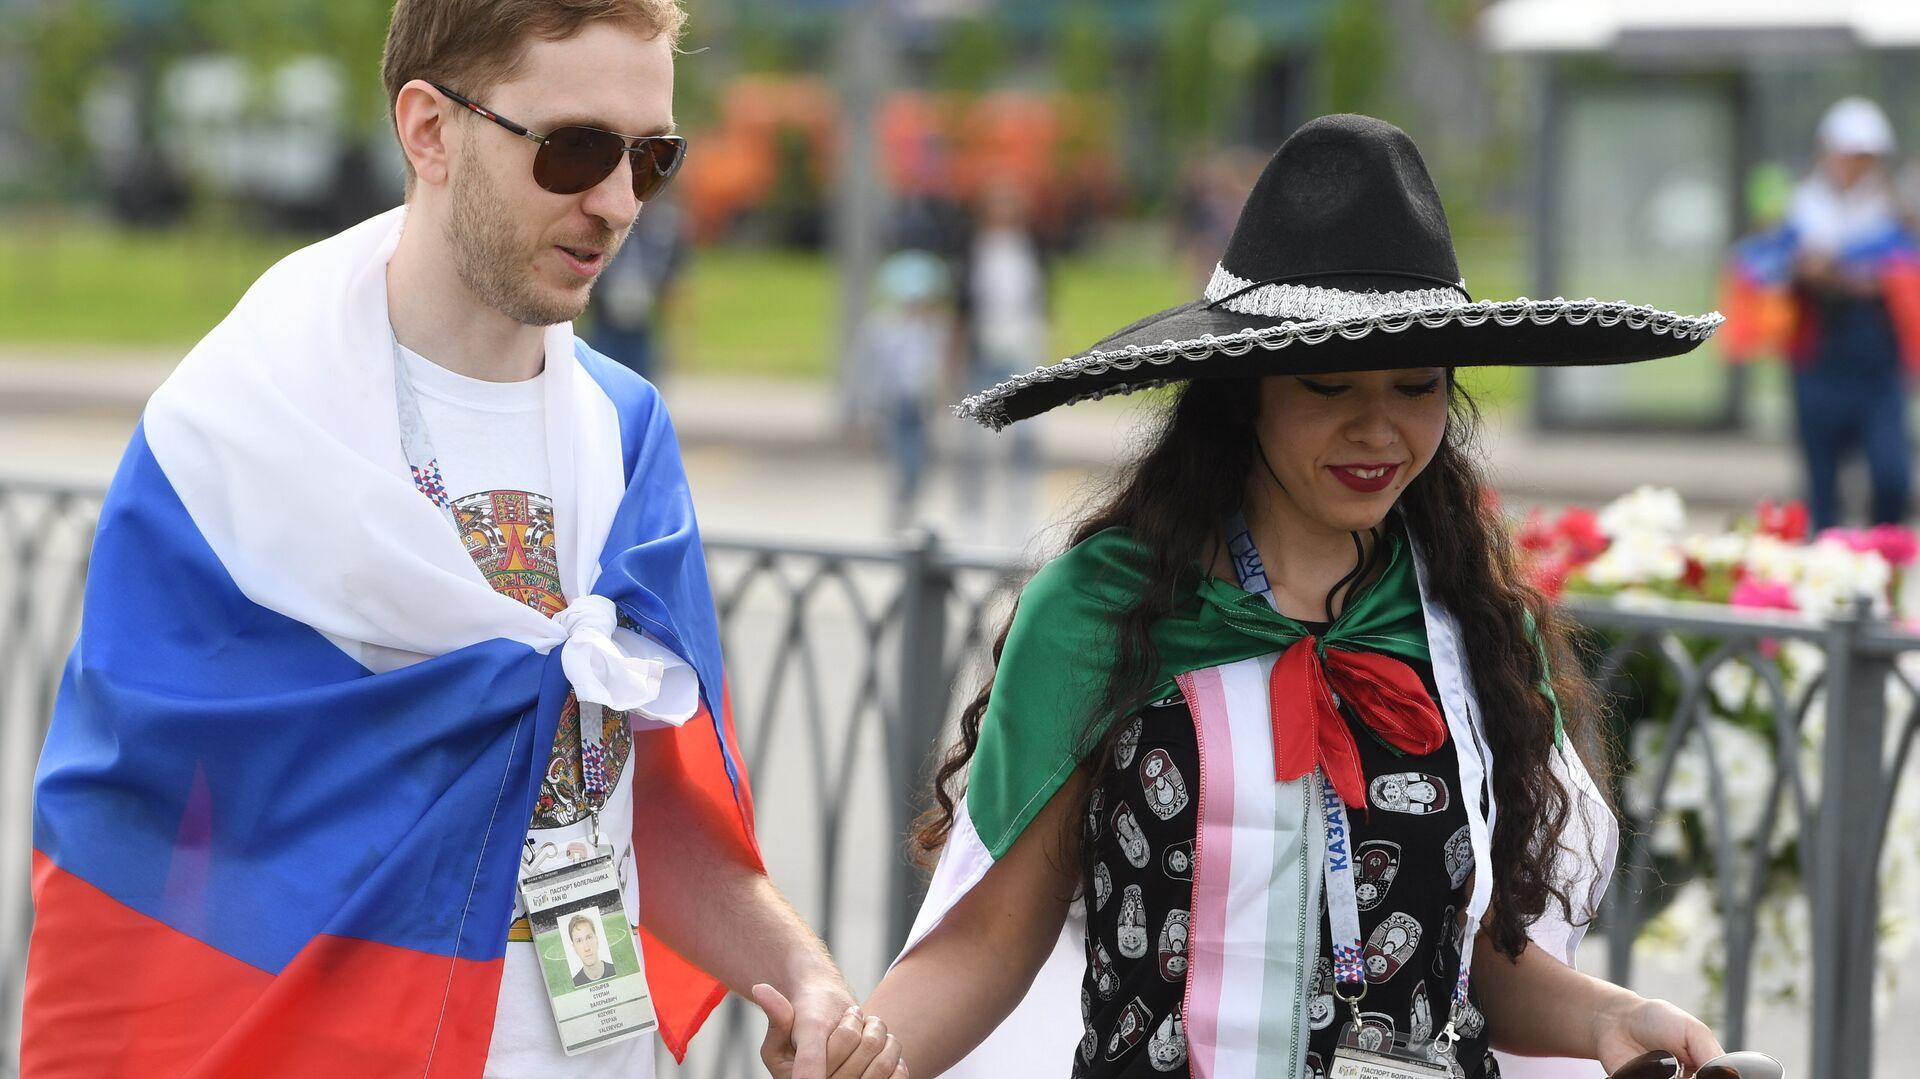 Una pareja con las banderas de Rusia y de México - Sputnik Mundo, 1920, 05.10.2021